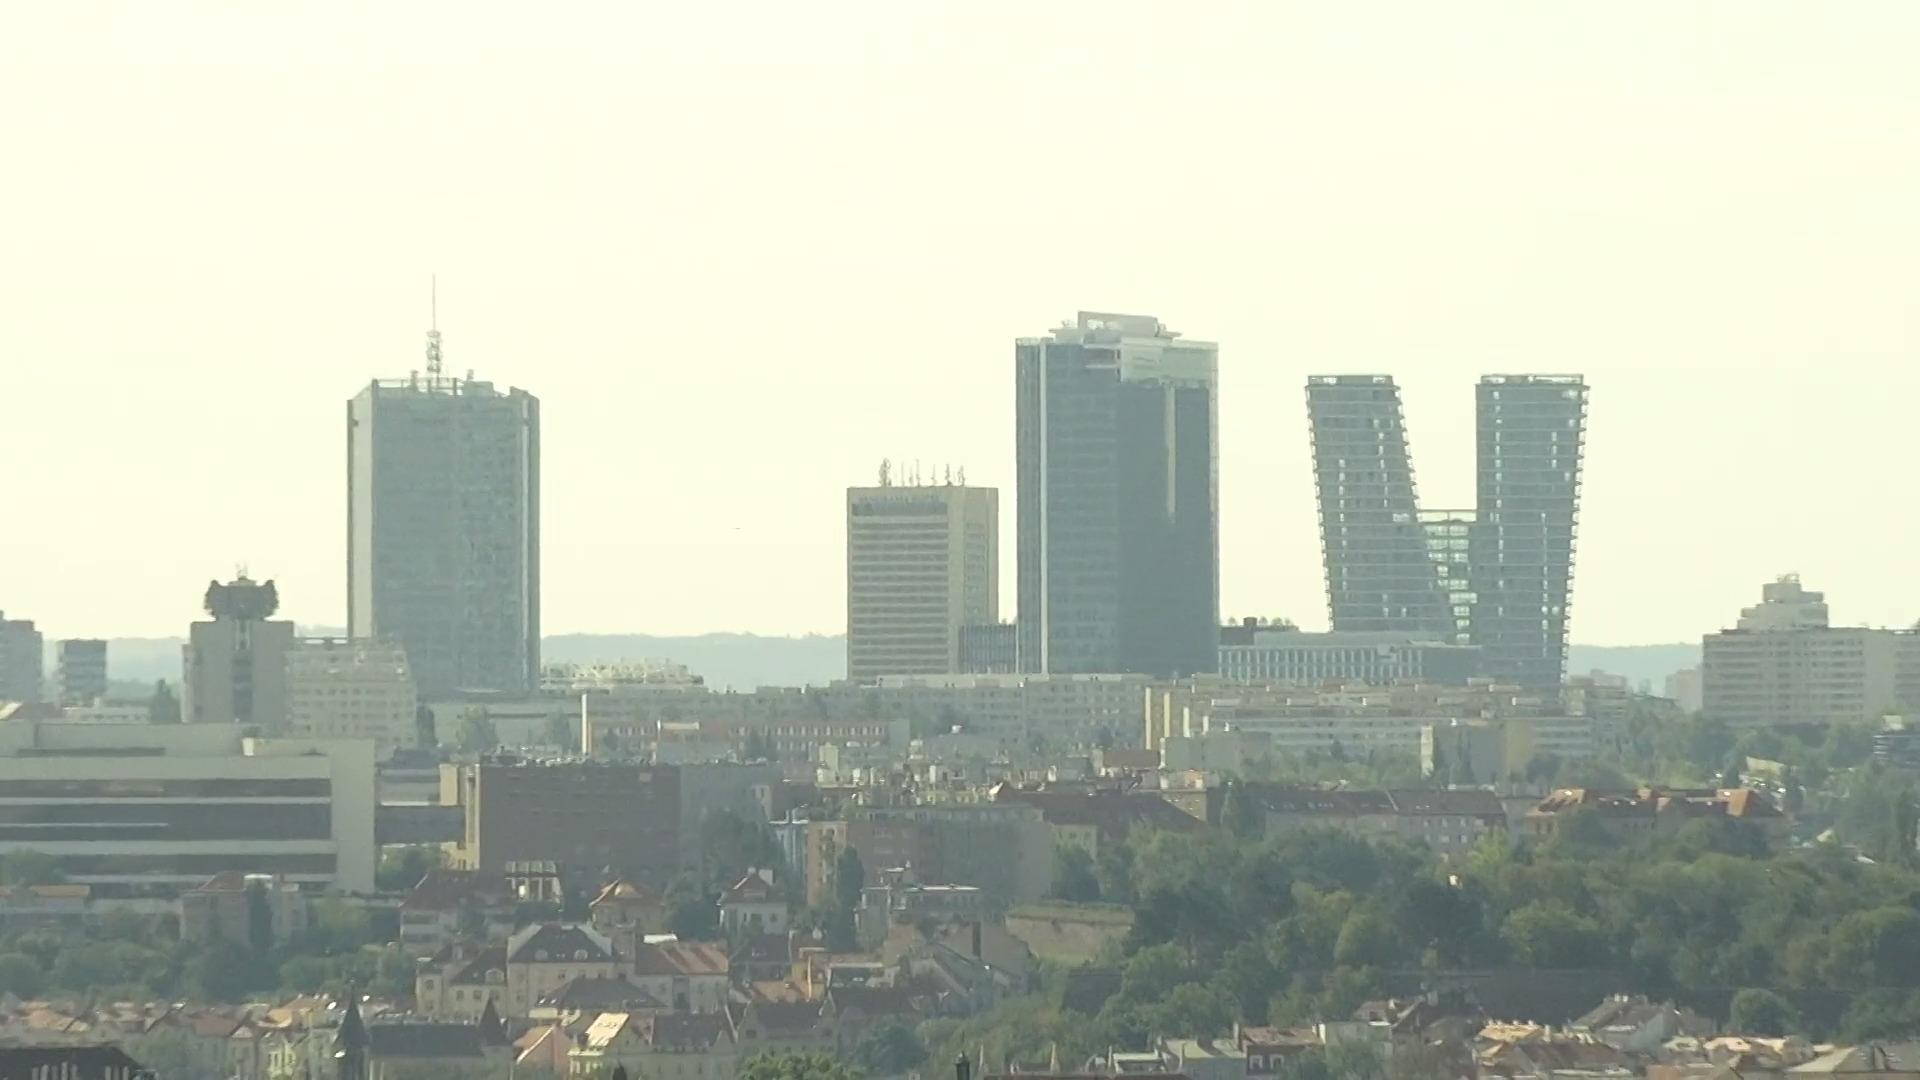 V Praze může vyrůst až deset tisíc nových bytů ročně, říká bývalý šéf metropolitních plánovačů Hlaváček